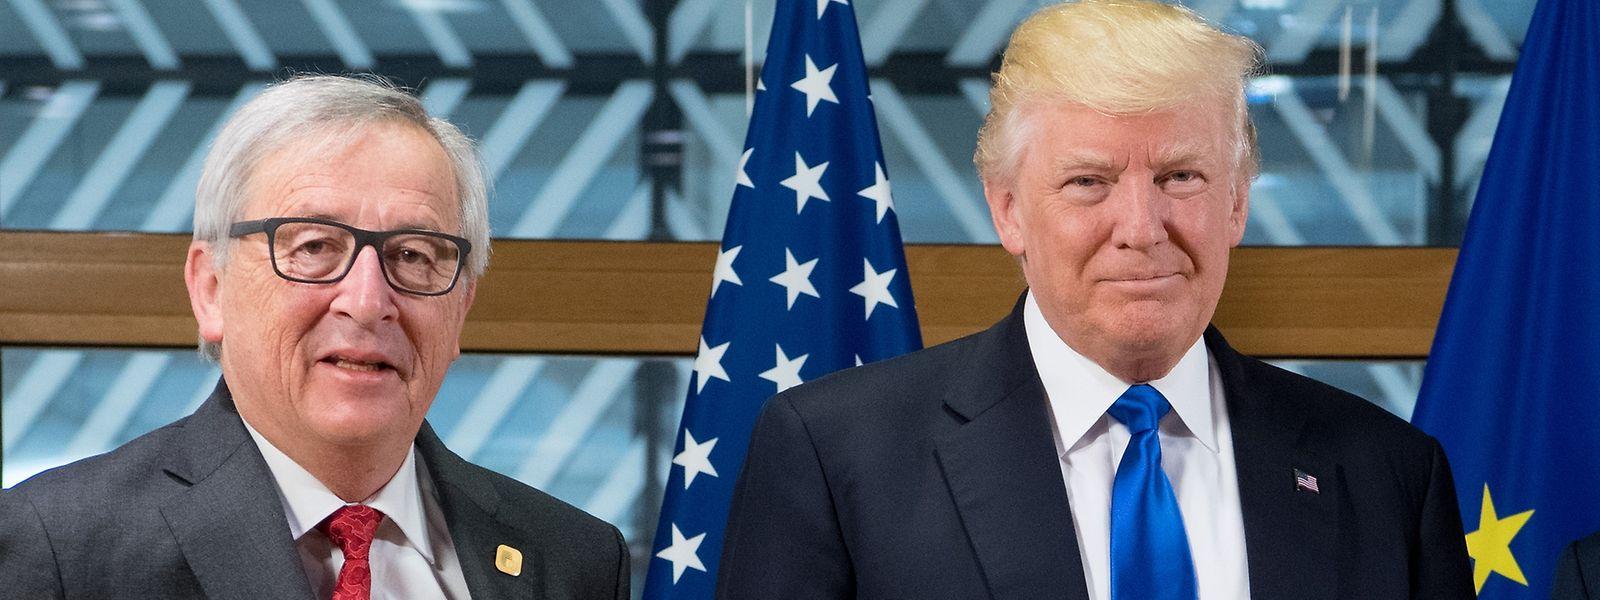 Jean-Claude Juncker mit Donald Trump bei einem Treffen im Mai 2017.